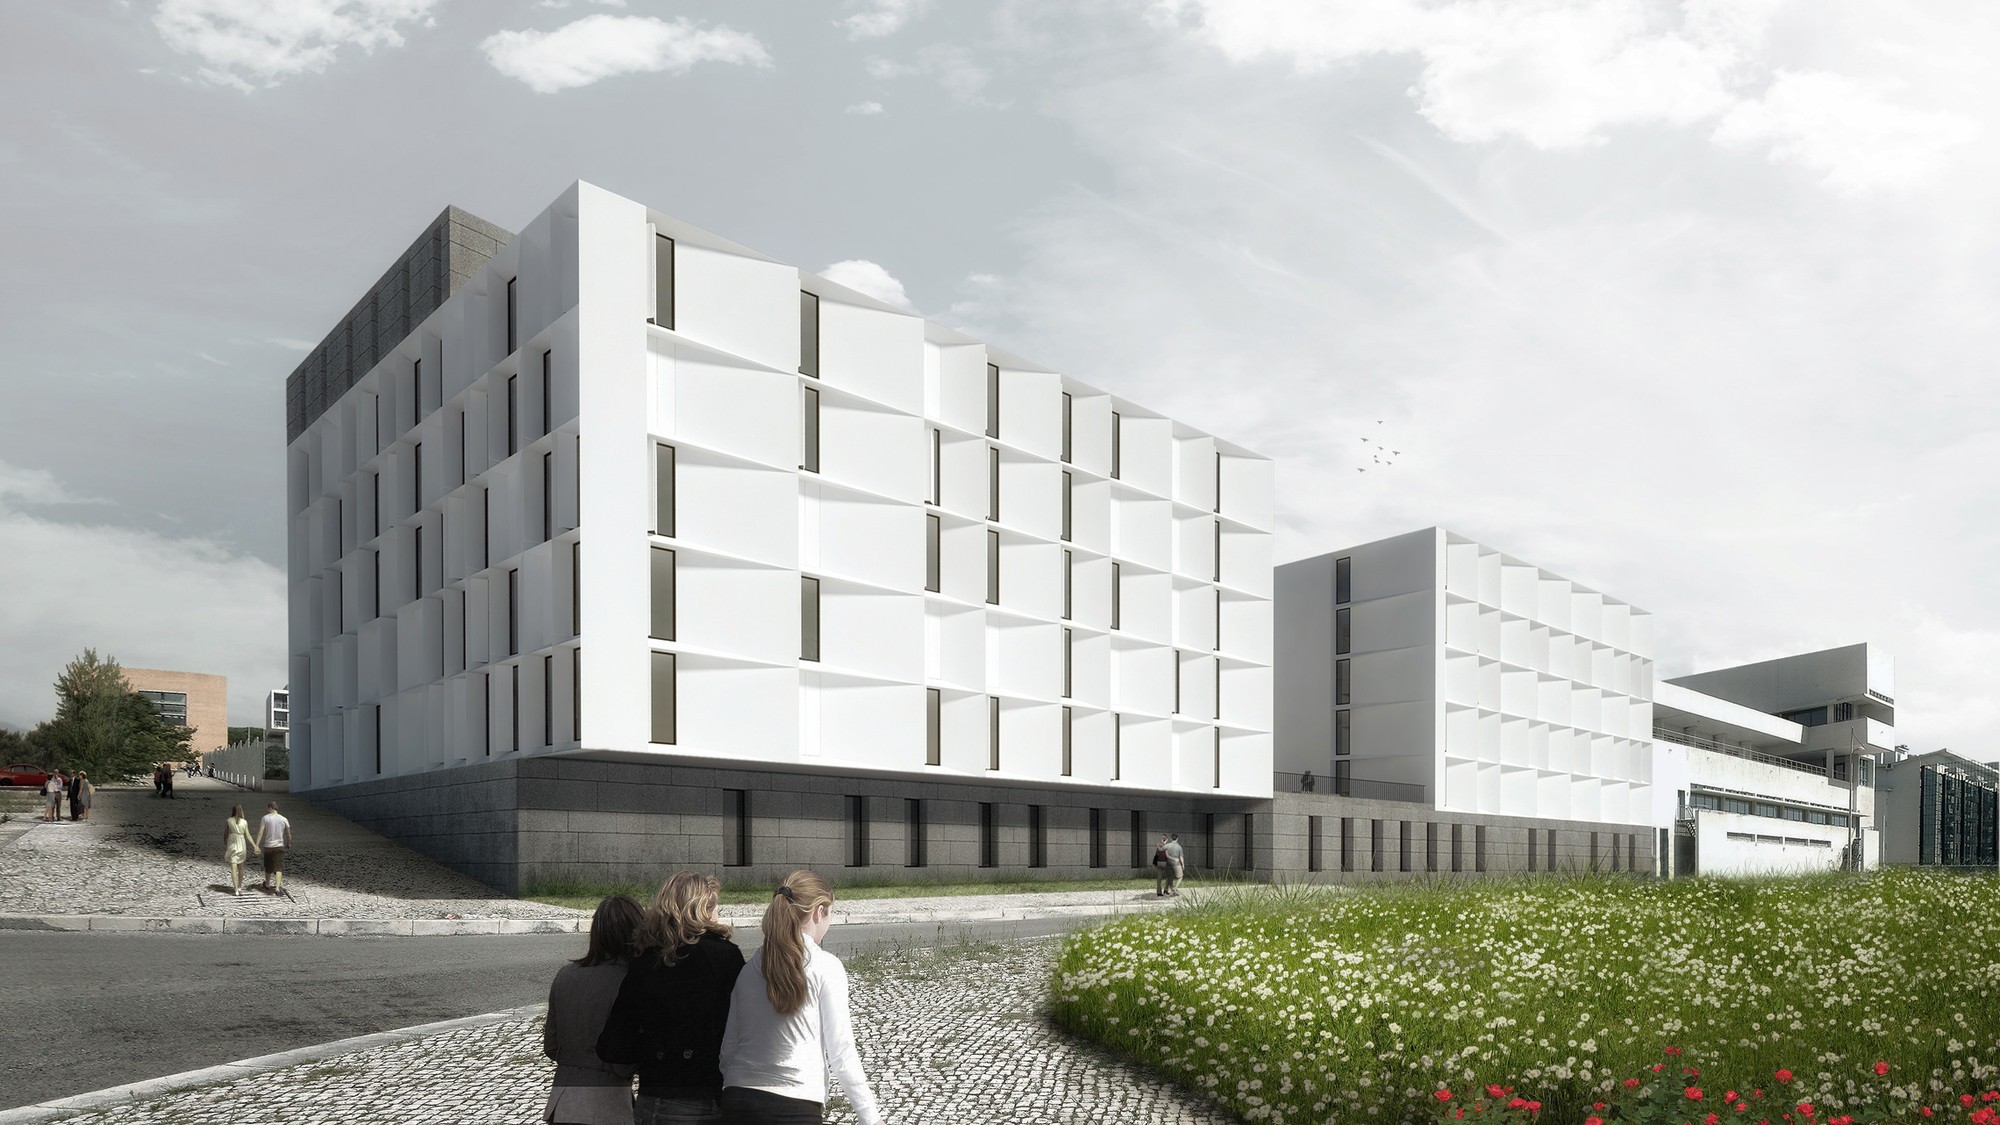 Segundo Lugar no Concurso para a Residência Universitária no Campus da Ajuda / AND-RÉ Arquitectura, Cortesia de AND-RÉ Arquitectura